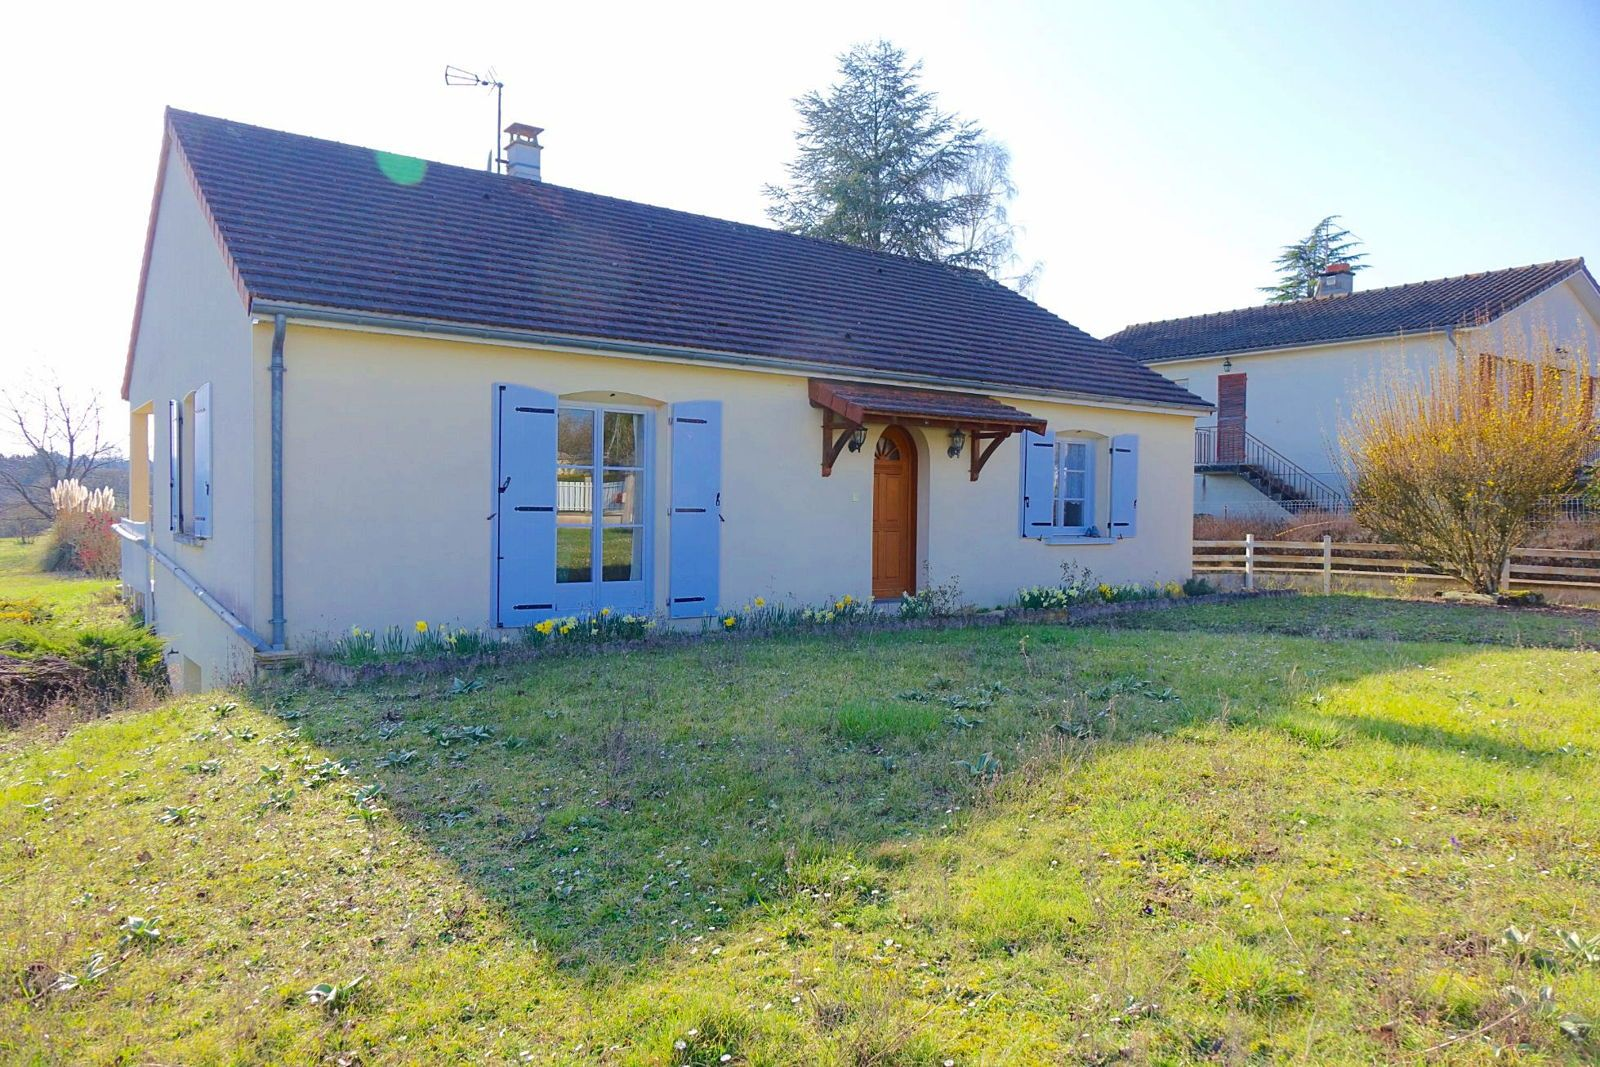 Vends LA ROCHE POSAY. Maison récente avec 3chambres, jardin, garage - 103m²